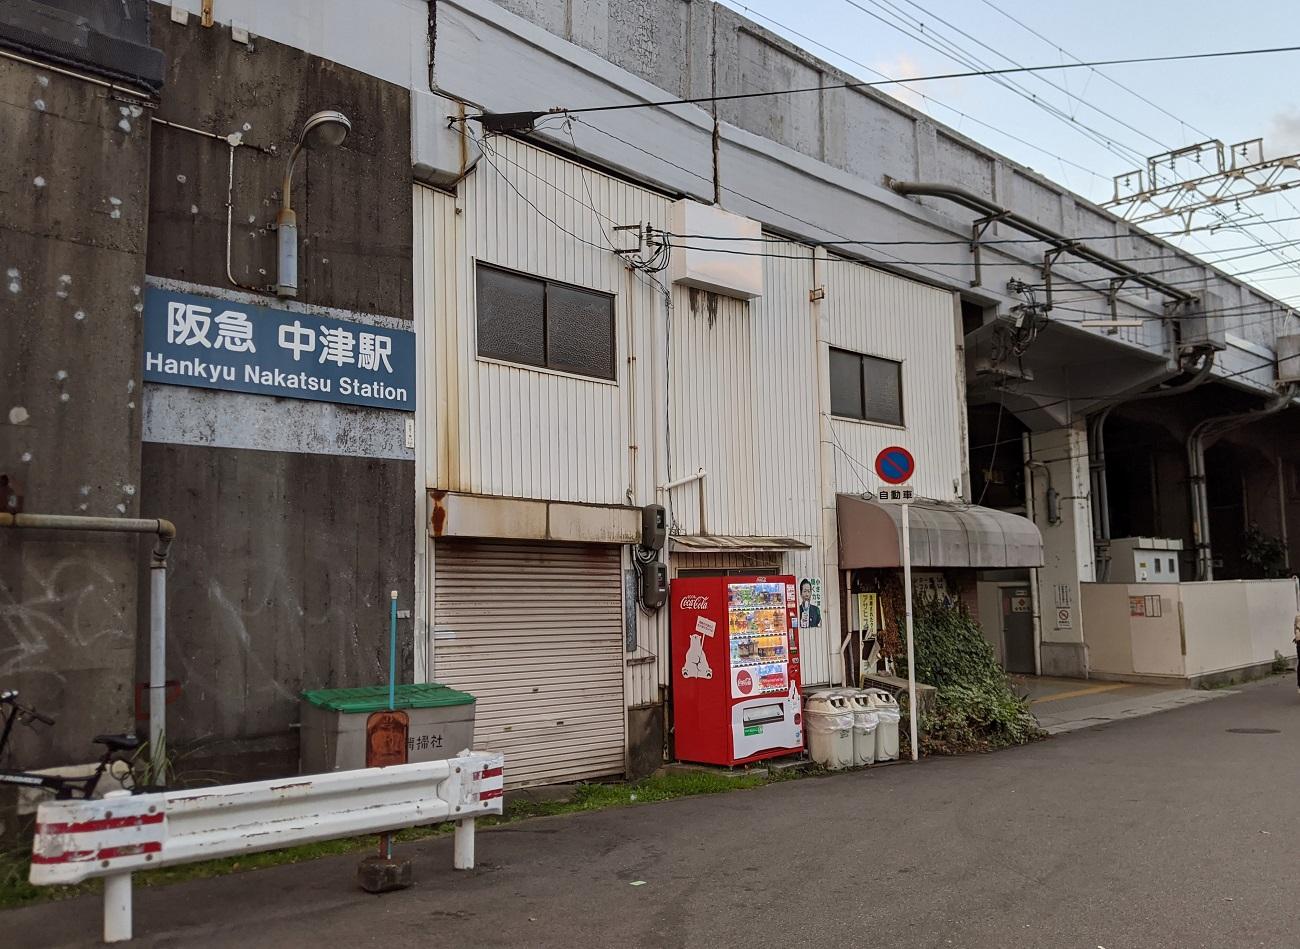 Japanese-train-station-Osaka-Hankyu-Nakatsu-Japan-trains-travel-photos-11.jpg